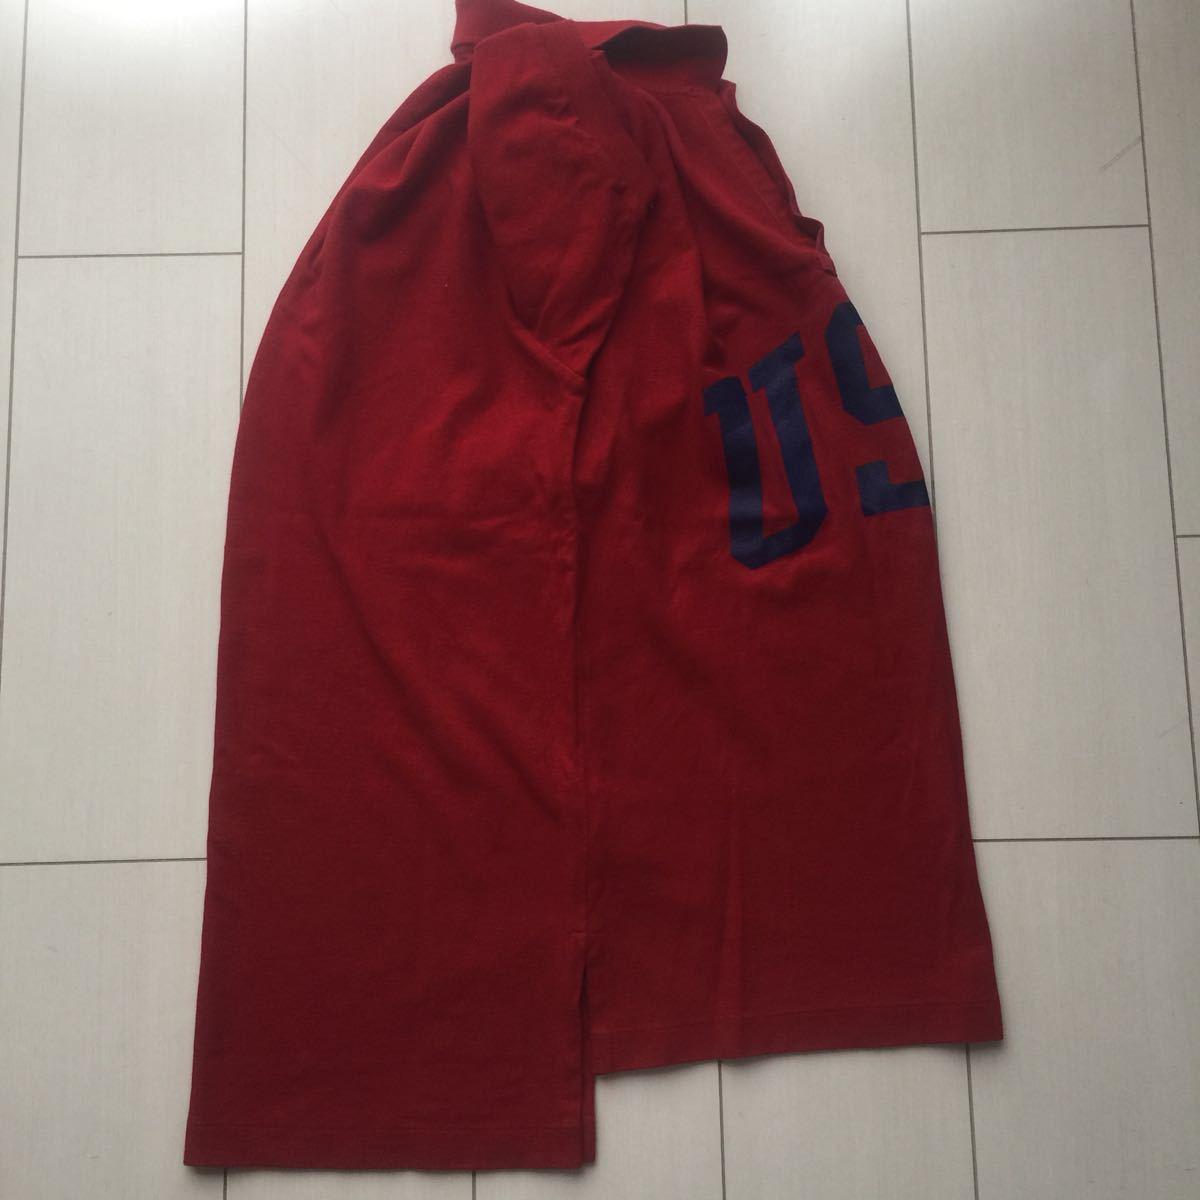 送料無料 90s polo sport ポロスポーツ ラルフローレン USA アーチロゴ ポロシャツ vintage ビンテージ レッド バーガンディ M rrl country_画像9